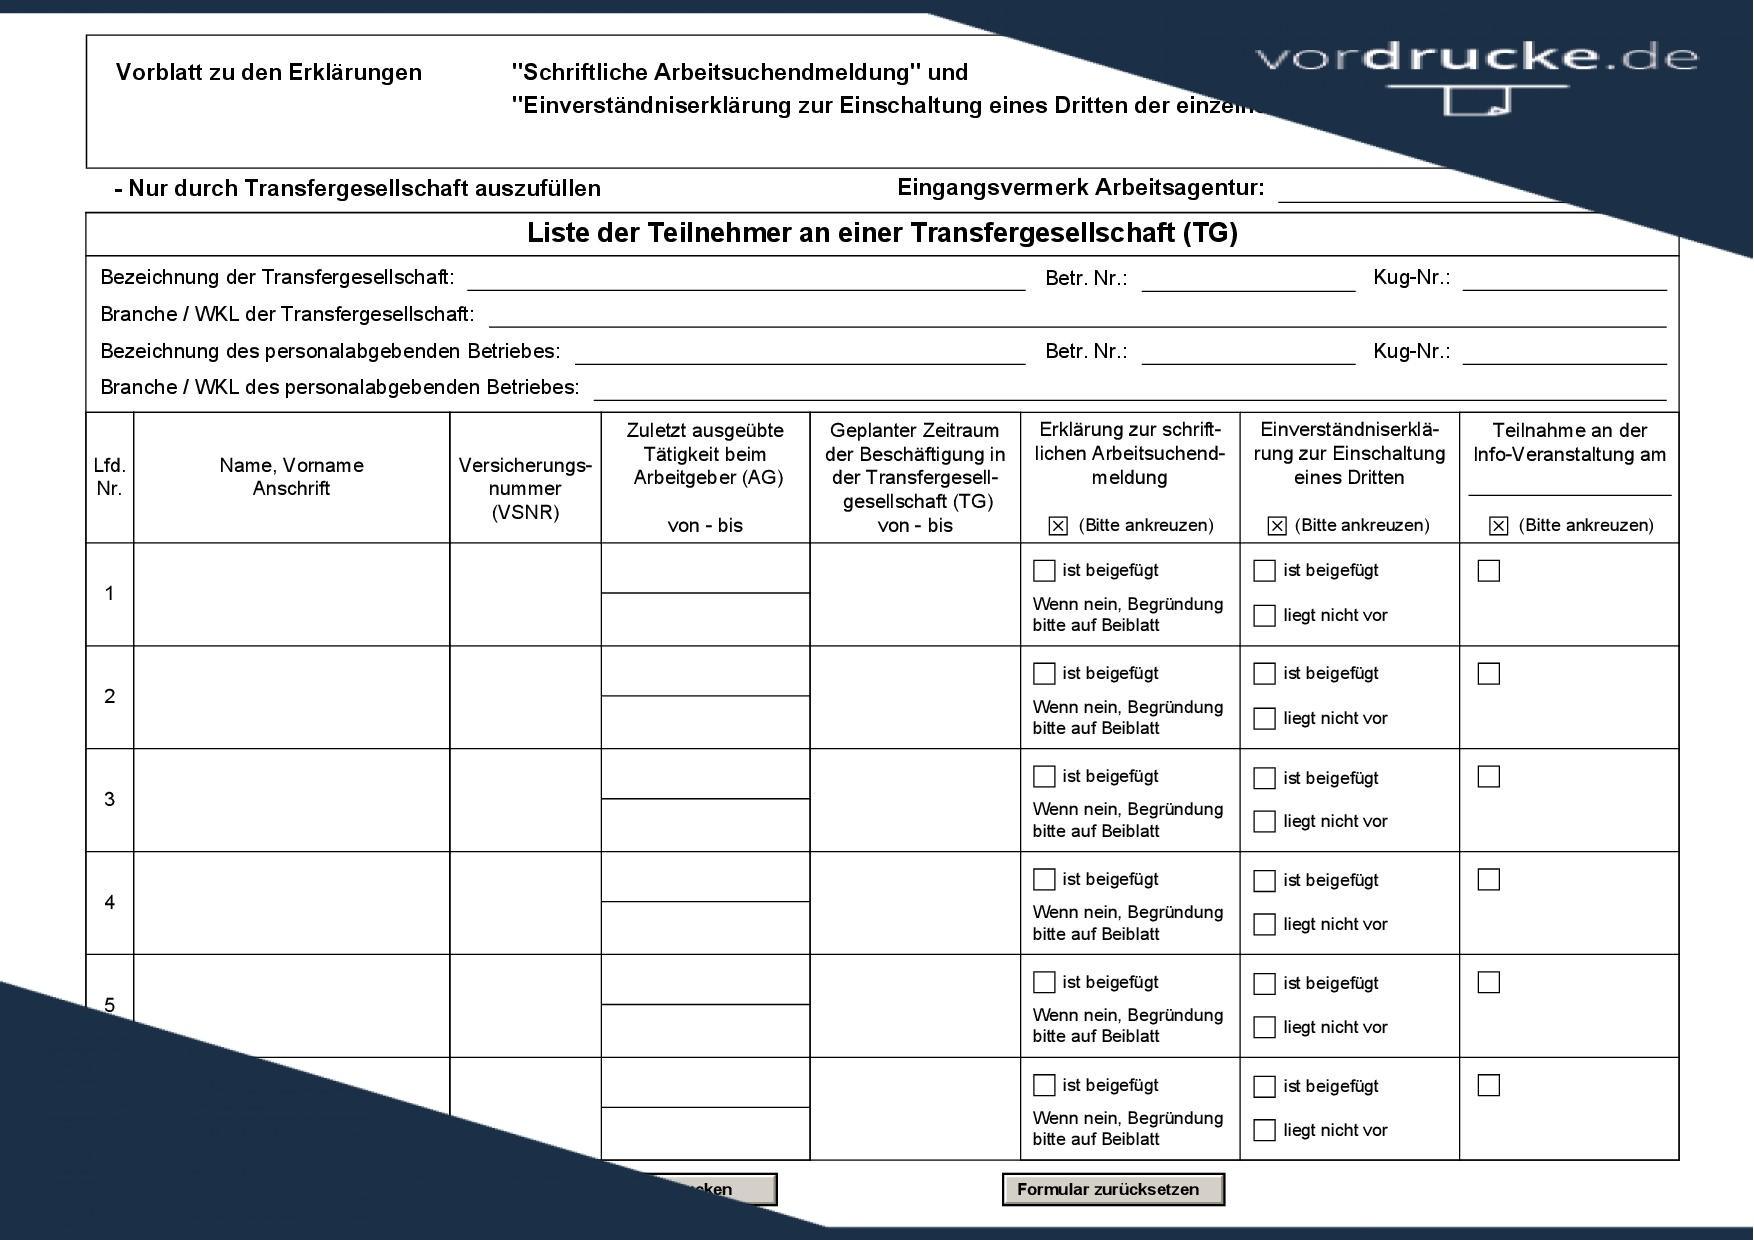 Liste-der-Teilnehmenden-an-einer-Transfergesellschaft-Kug200a